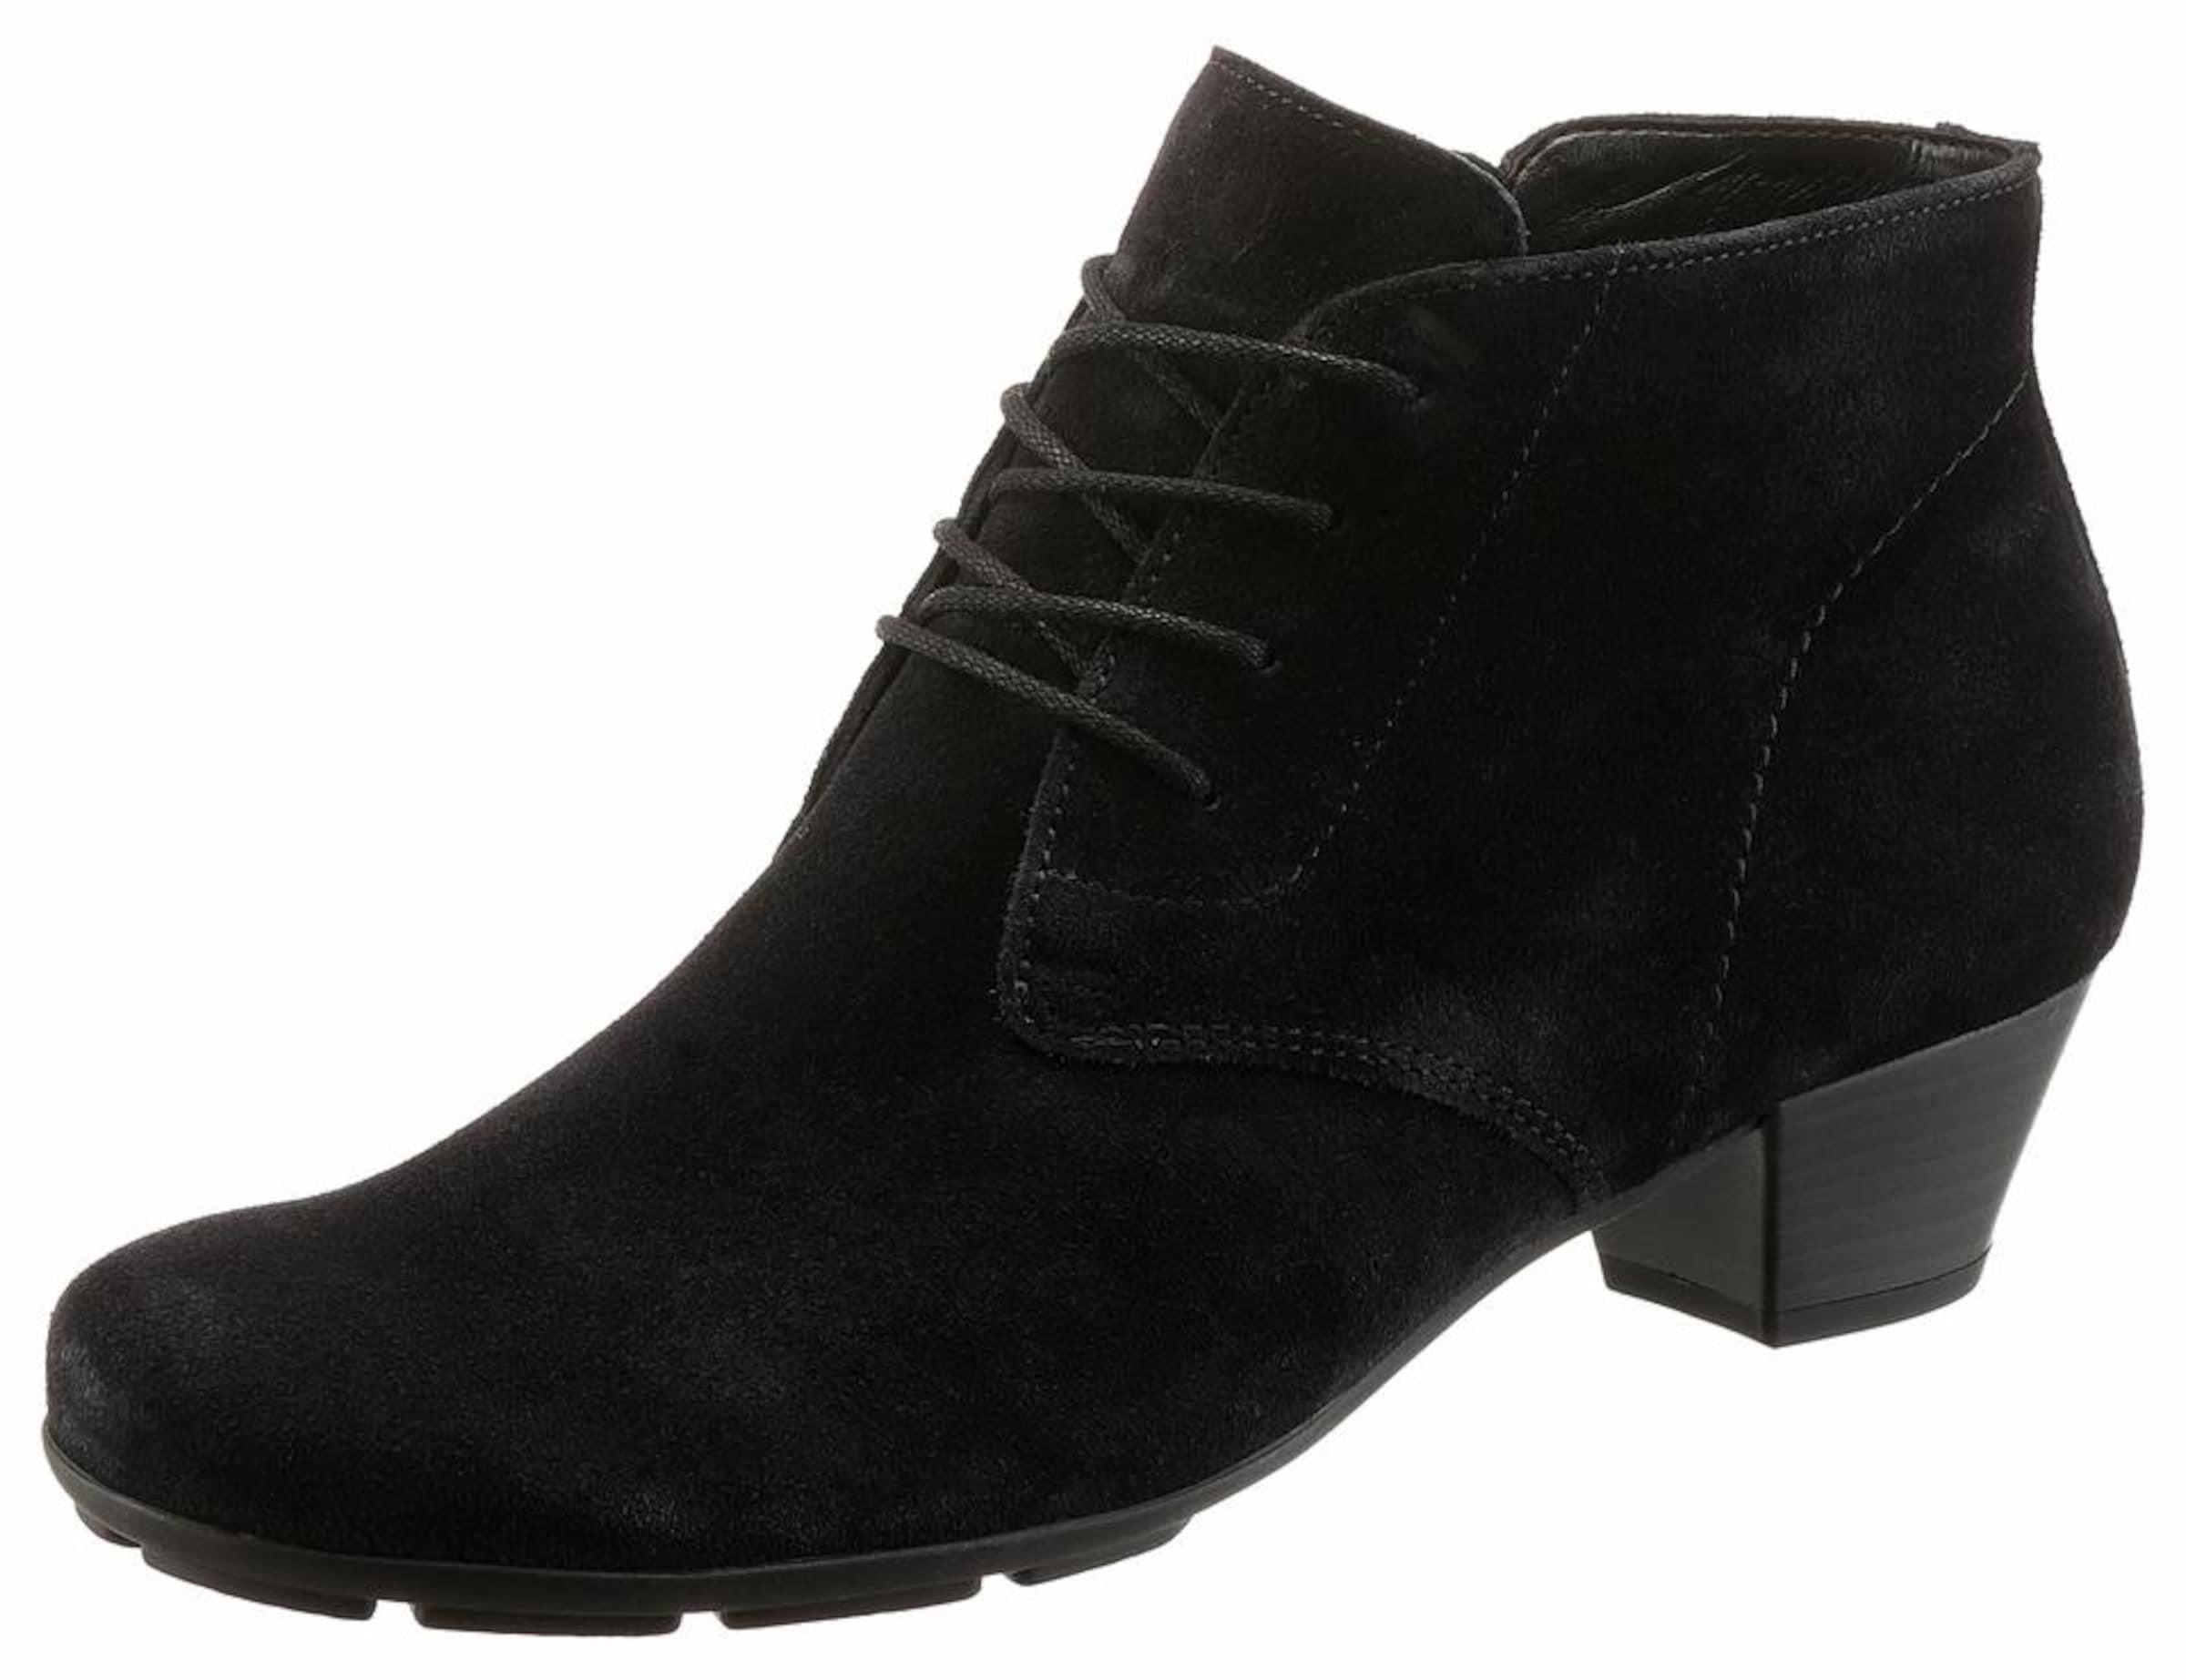 GABOR Ankle-Boots Verschleißfeste billige Schuhe Hohe Qualität